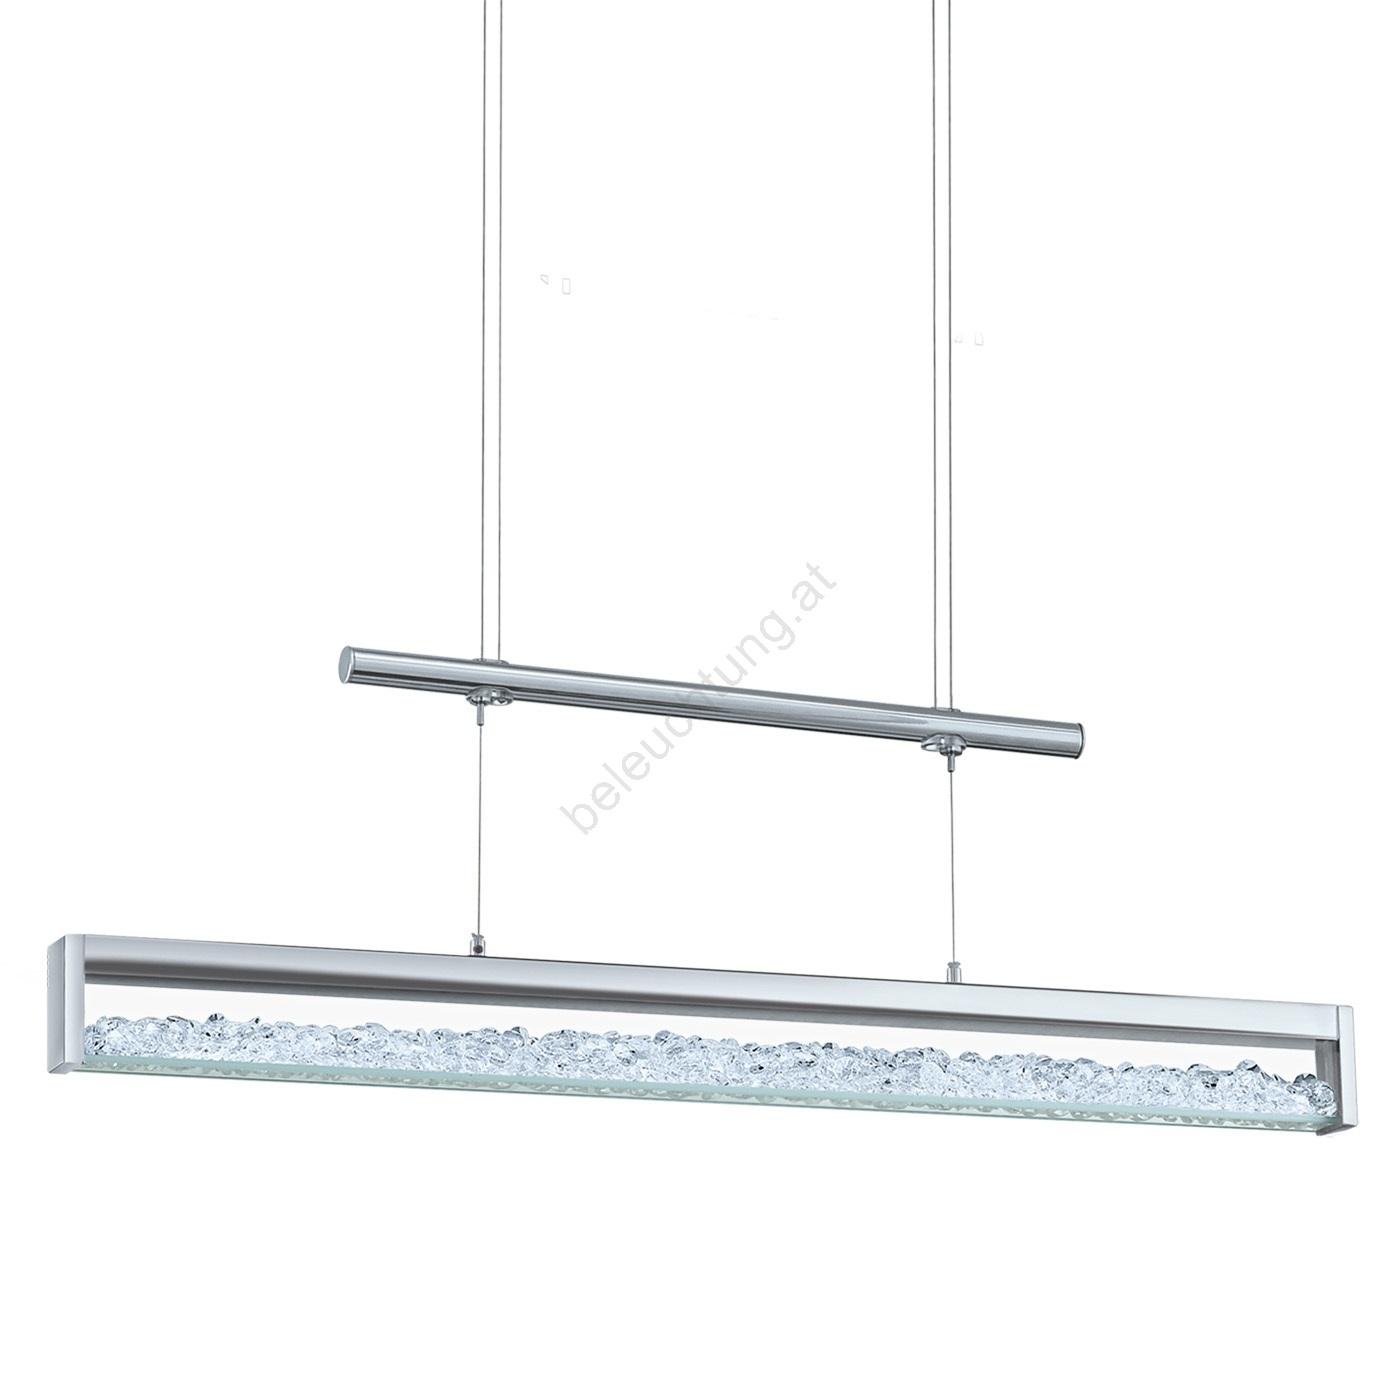 eglo 93625 led dimmbare h ngeleuchte cardito 1 led 24w 230v beleuchtung. Black Bedroom Furniture Sets. Home Design Ideas